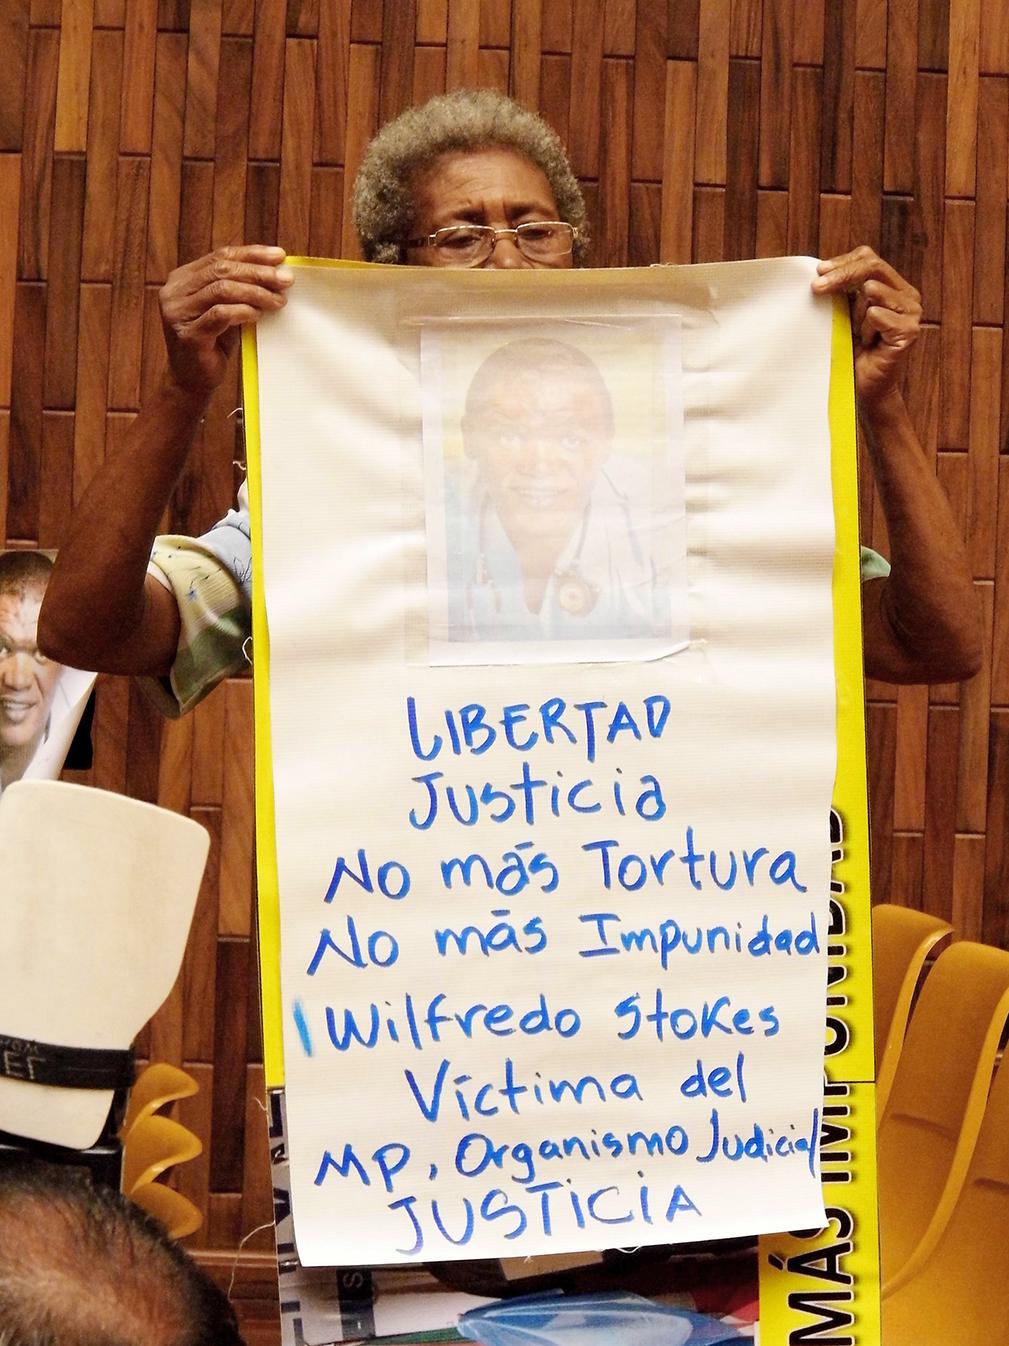 Una mujer no identificada reclamó a Claudia Paz y Paz, por medio de un cartel, por un supuesto caso de impunidad del que es víctima Wilfredo Stokes.